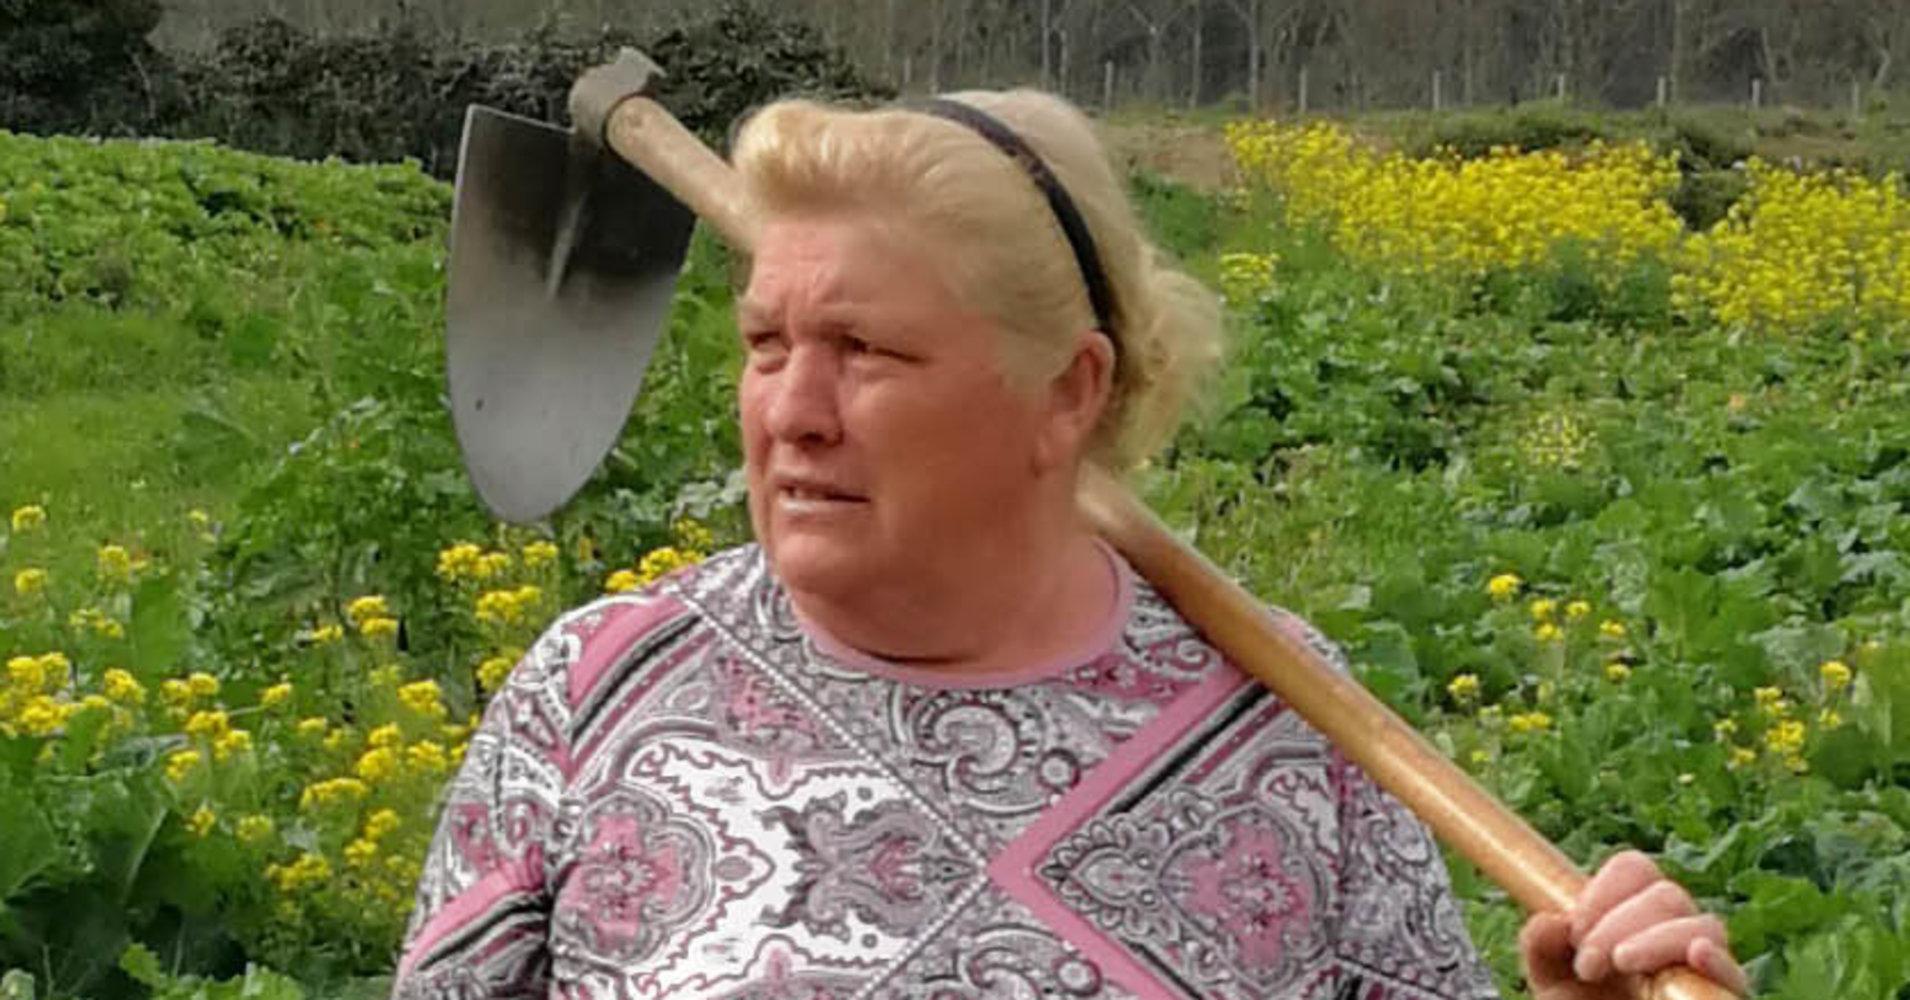 شباهت عجیب یک زن به ترامپ